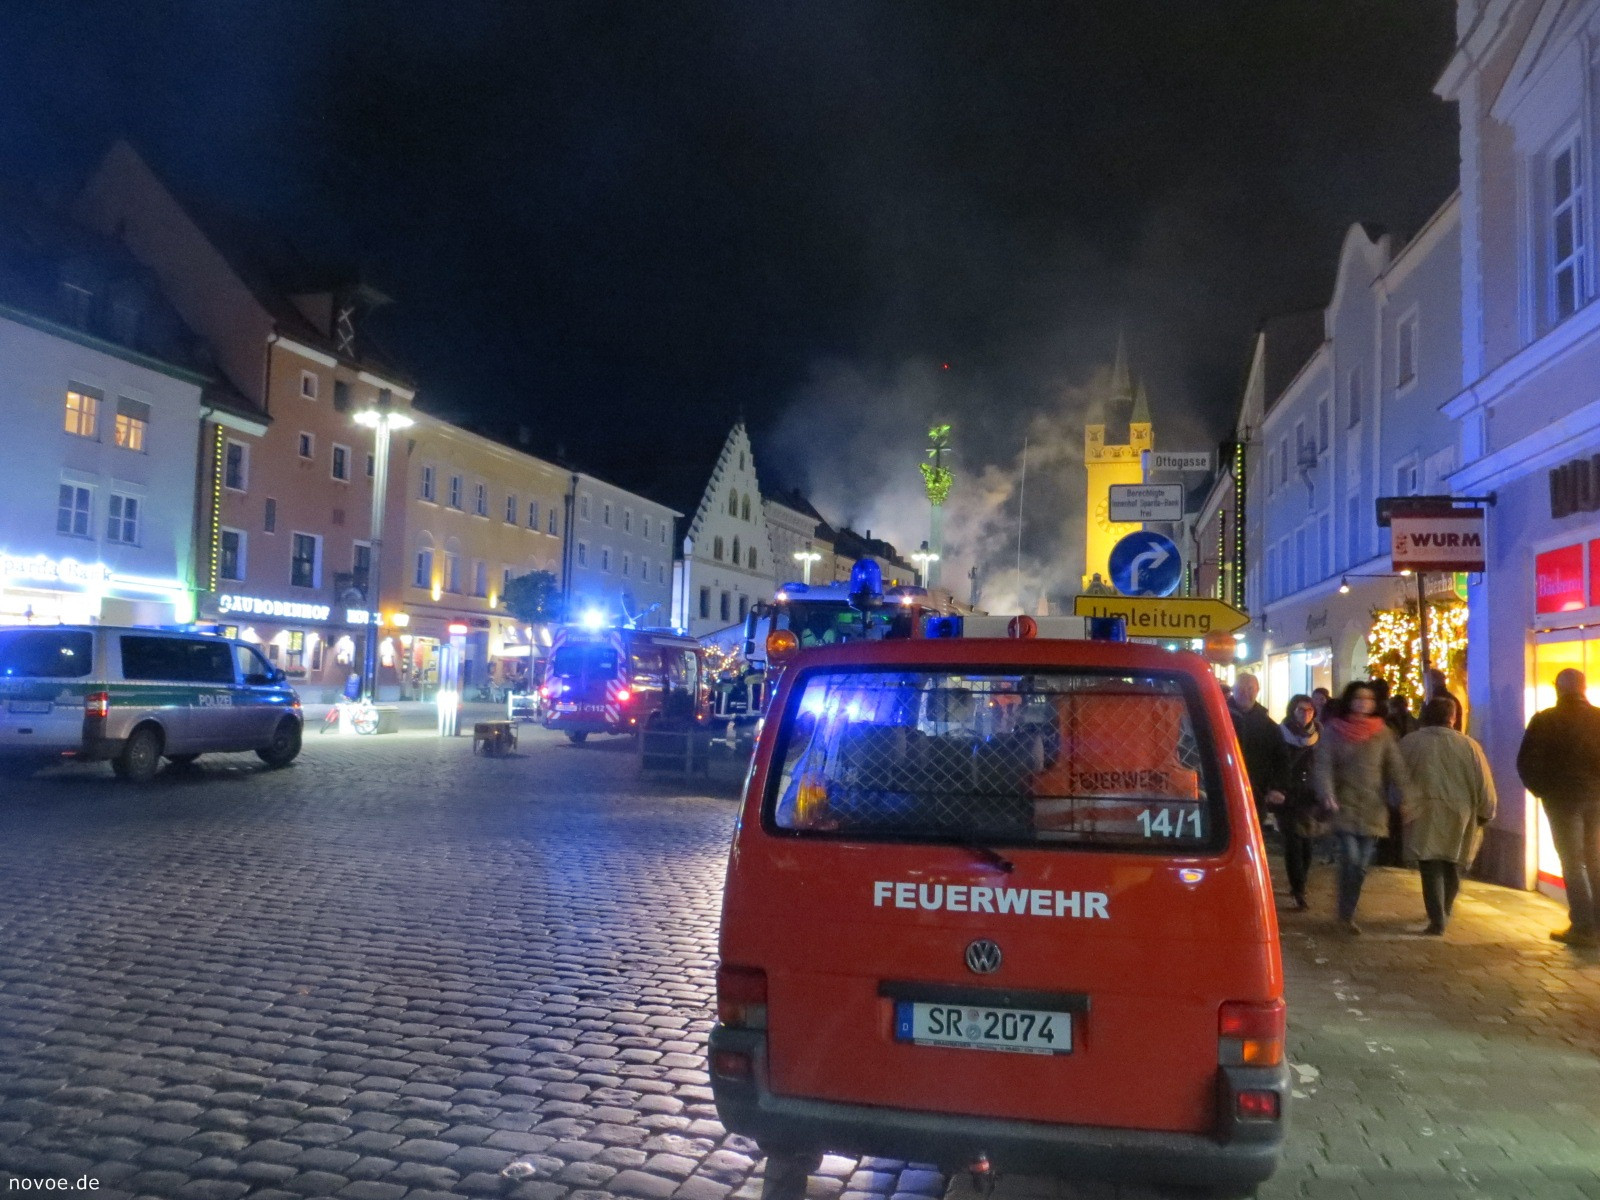 ВГермании мужчина наавтомобиле въехал в здание городской ратуши